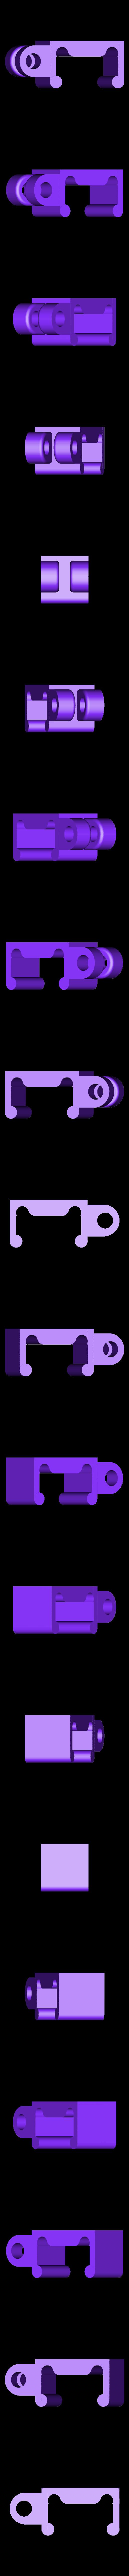 E5_-_20mm_Clip_Side_Saddle_v2.stl Télécharger fichier STL gratuit Support et selle d'endoscope • Design imprimable en 3D, iamsanman